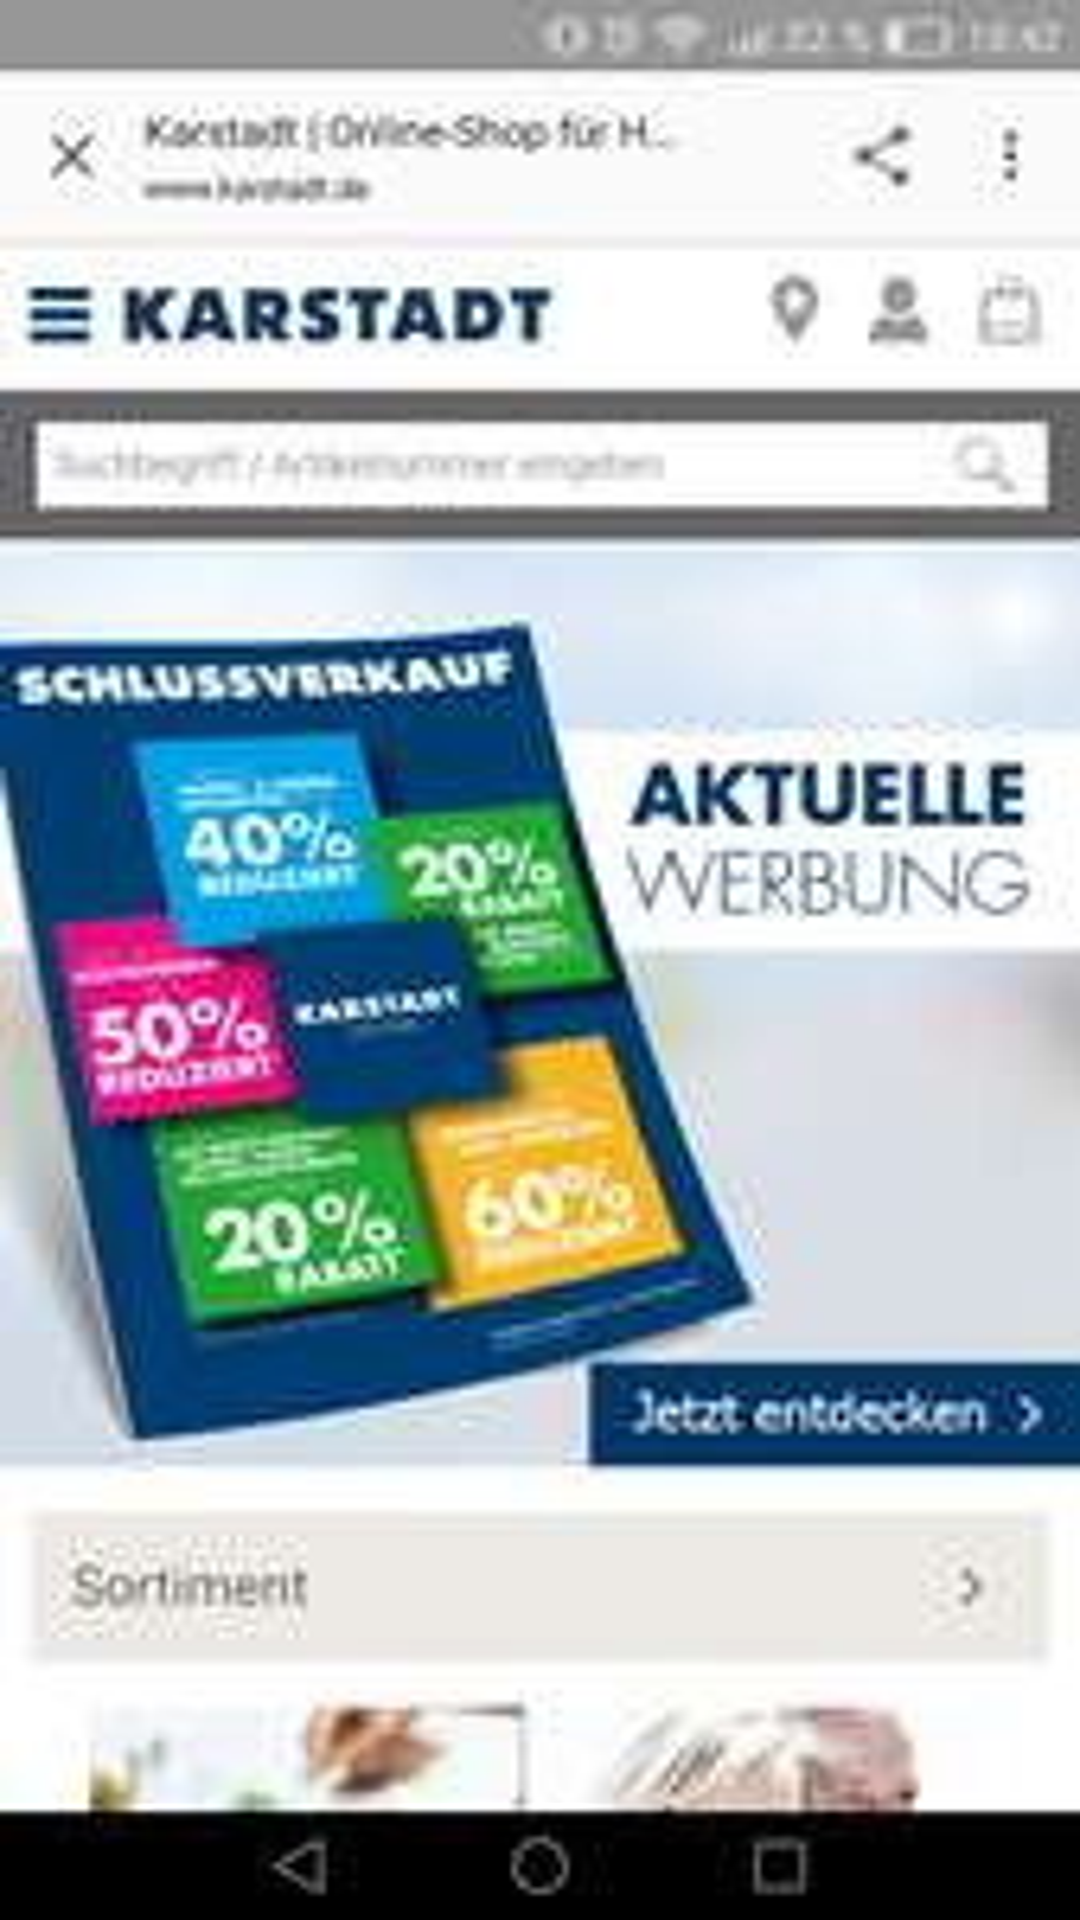 Karstadt Online Wochenendkracher mit bis zu 50% Rabatt auf ausgewählte Kategorien!**